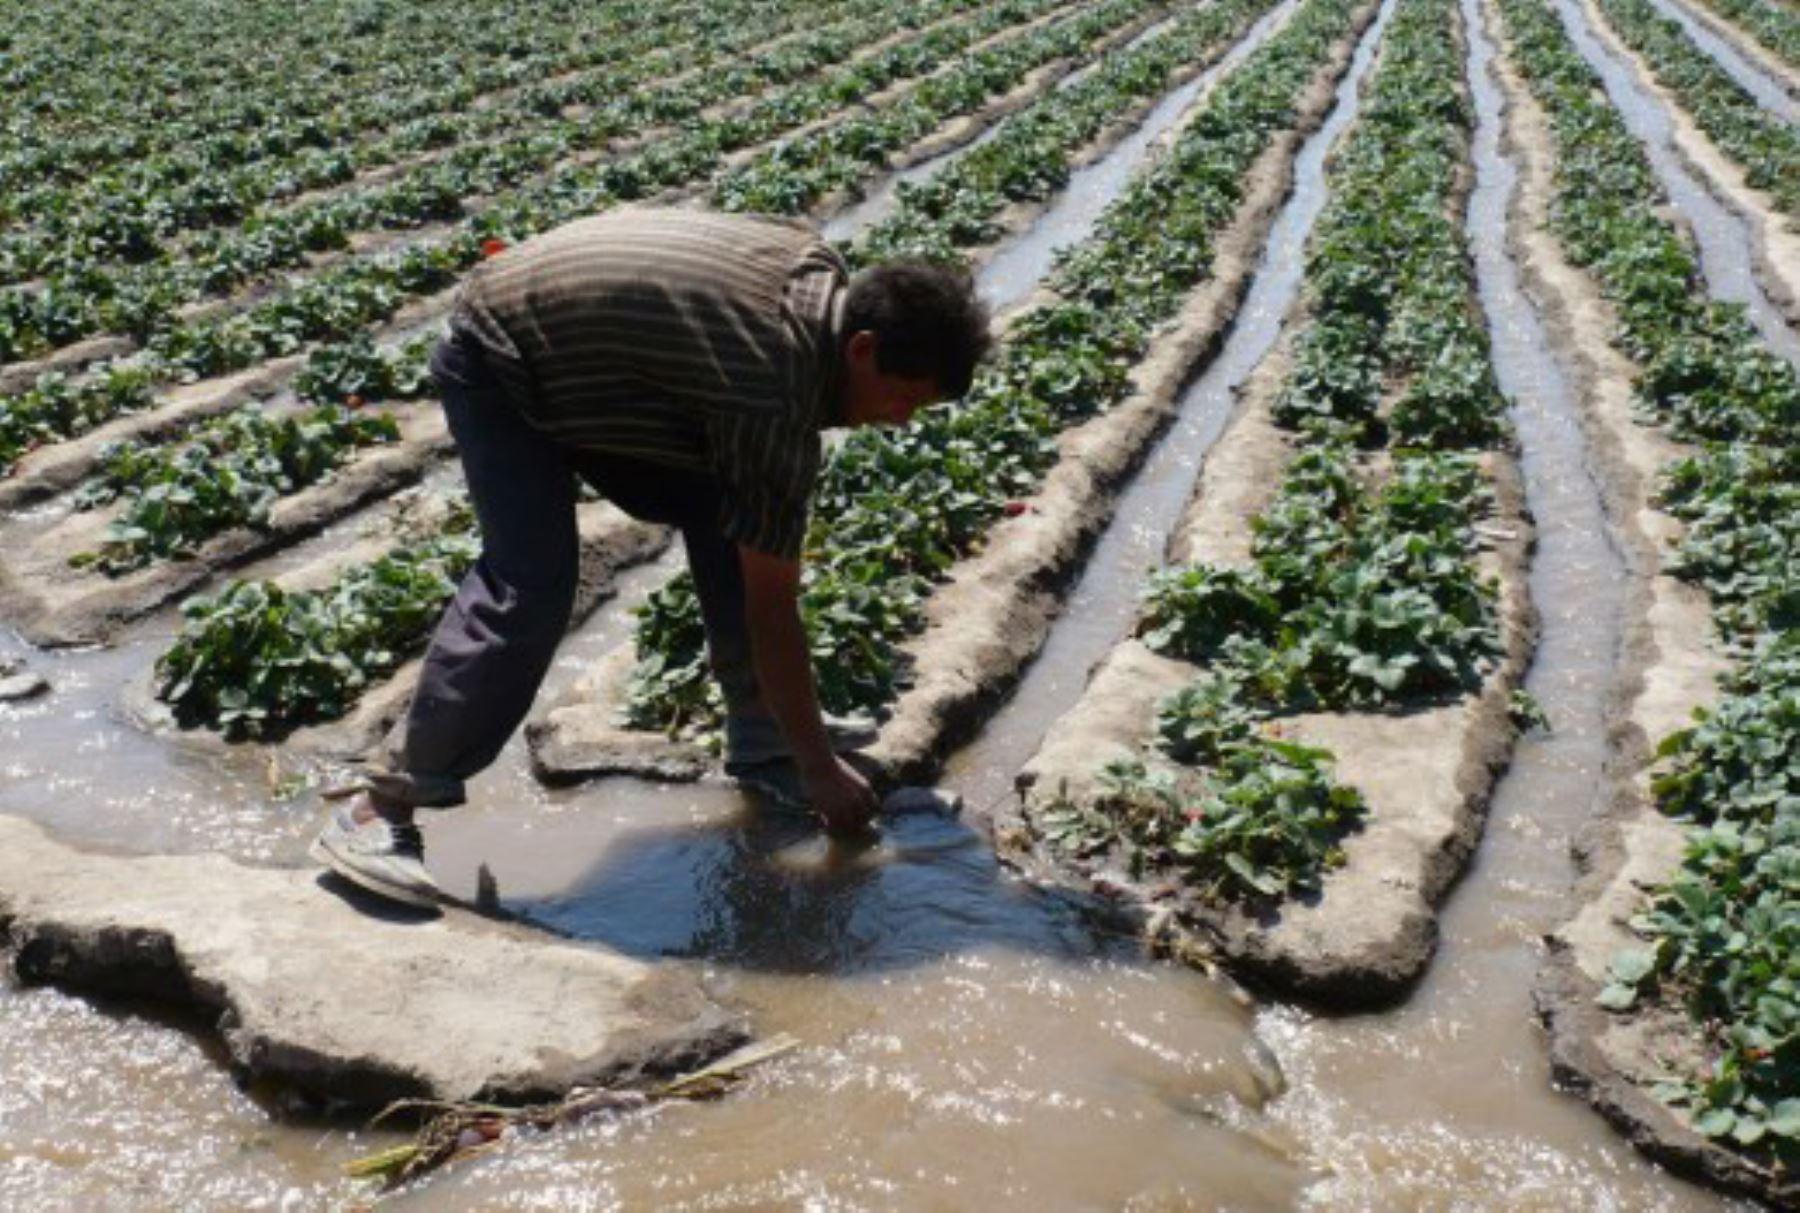 """Una de las estrategias que está permitiendo al Perú enfrentar con buenos resultados el impacto del cambio climático y la escasa disponibilidad de agua para la agricultura y el consumo humano, es la """"siembra y cosecha de agua"""", una de las máximas expresiones de la cultura hídrica andina ancestral que permitió garantizar la sostenibilidad agrícola."""